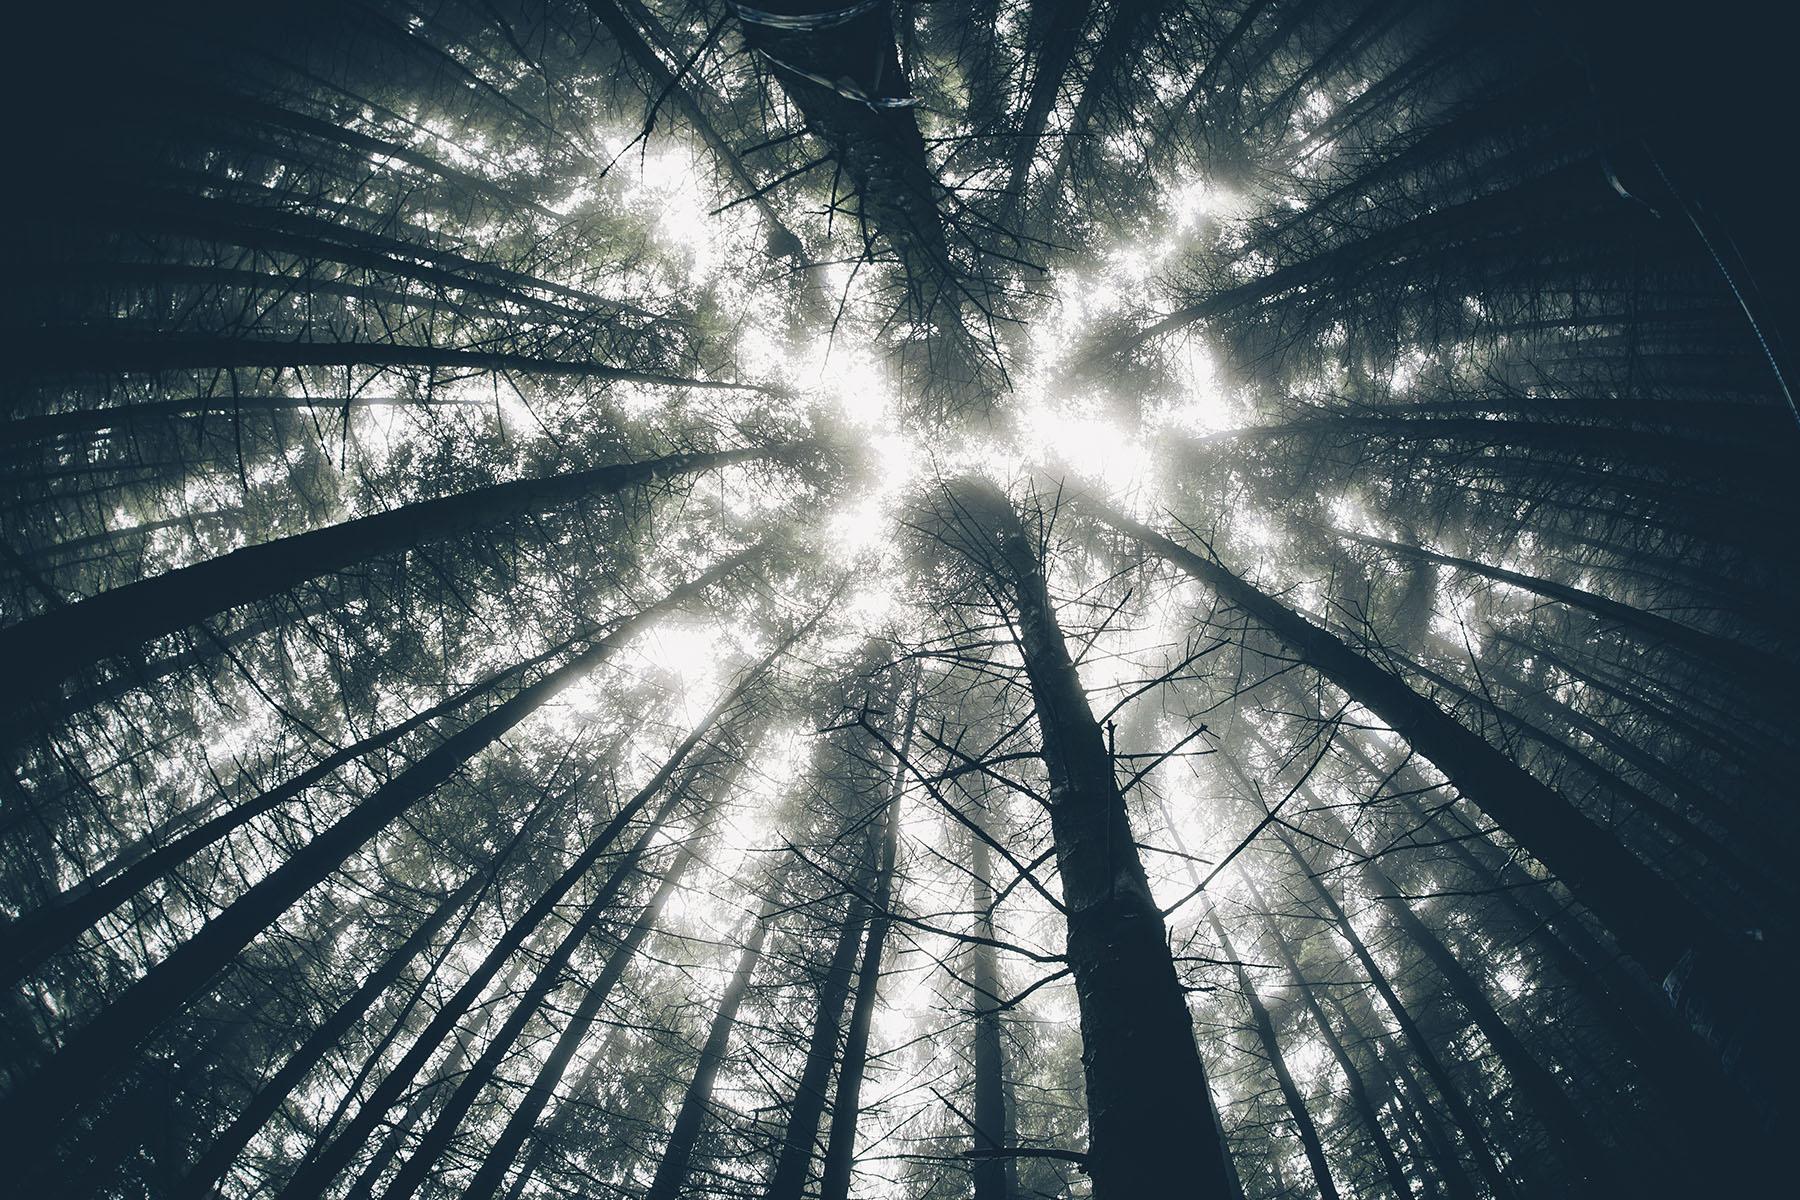 Das Wetter wollte aber nicht so recht mitspielen, was den Wald sehr